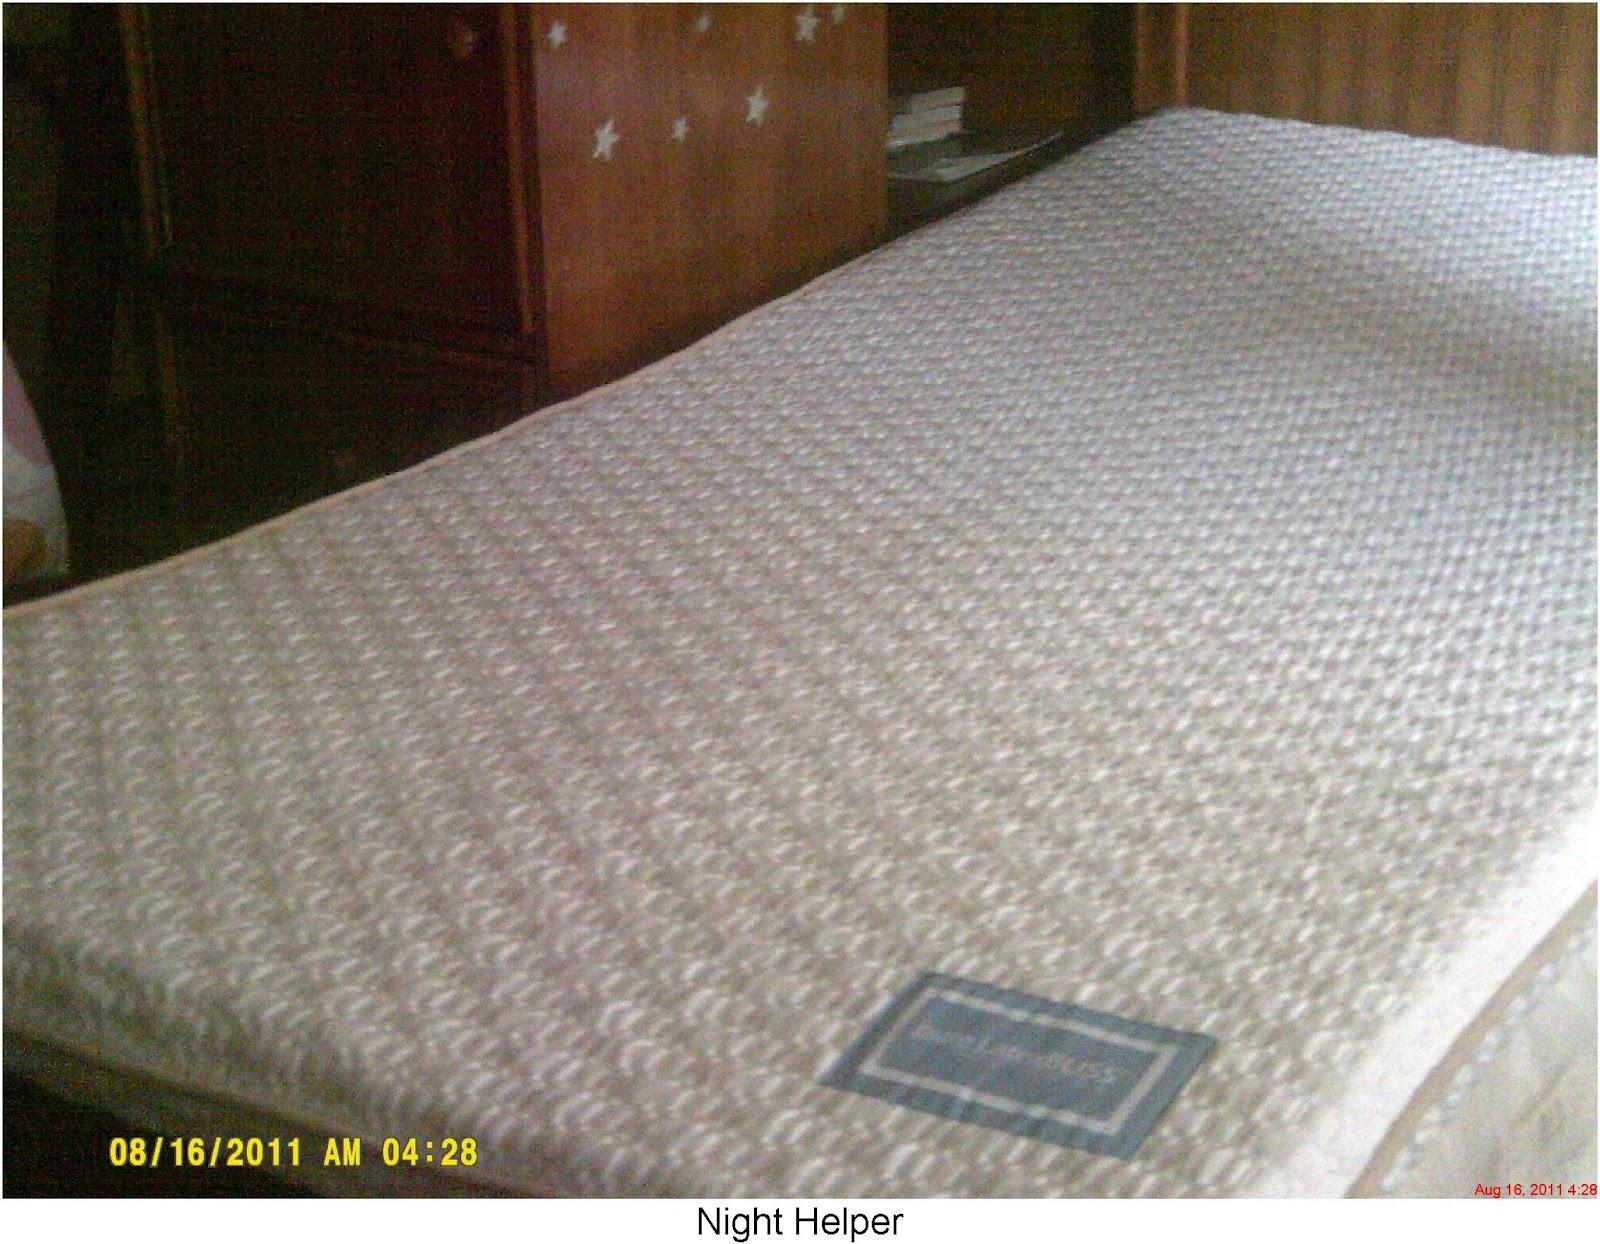 pure latexbliss mattress topper & pillow review! - night helper